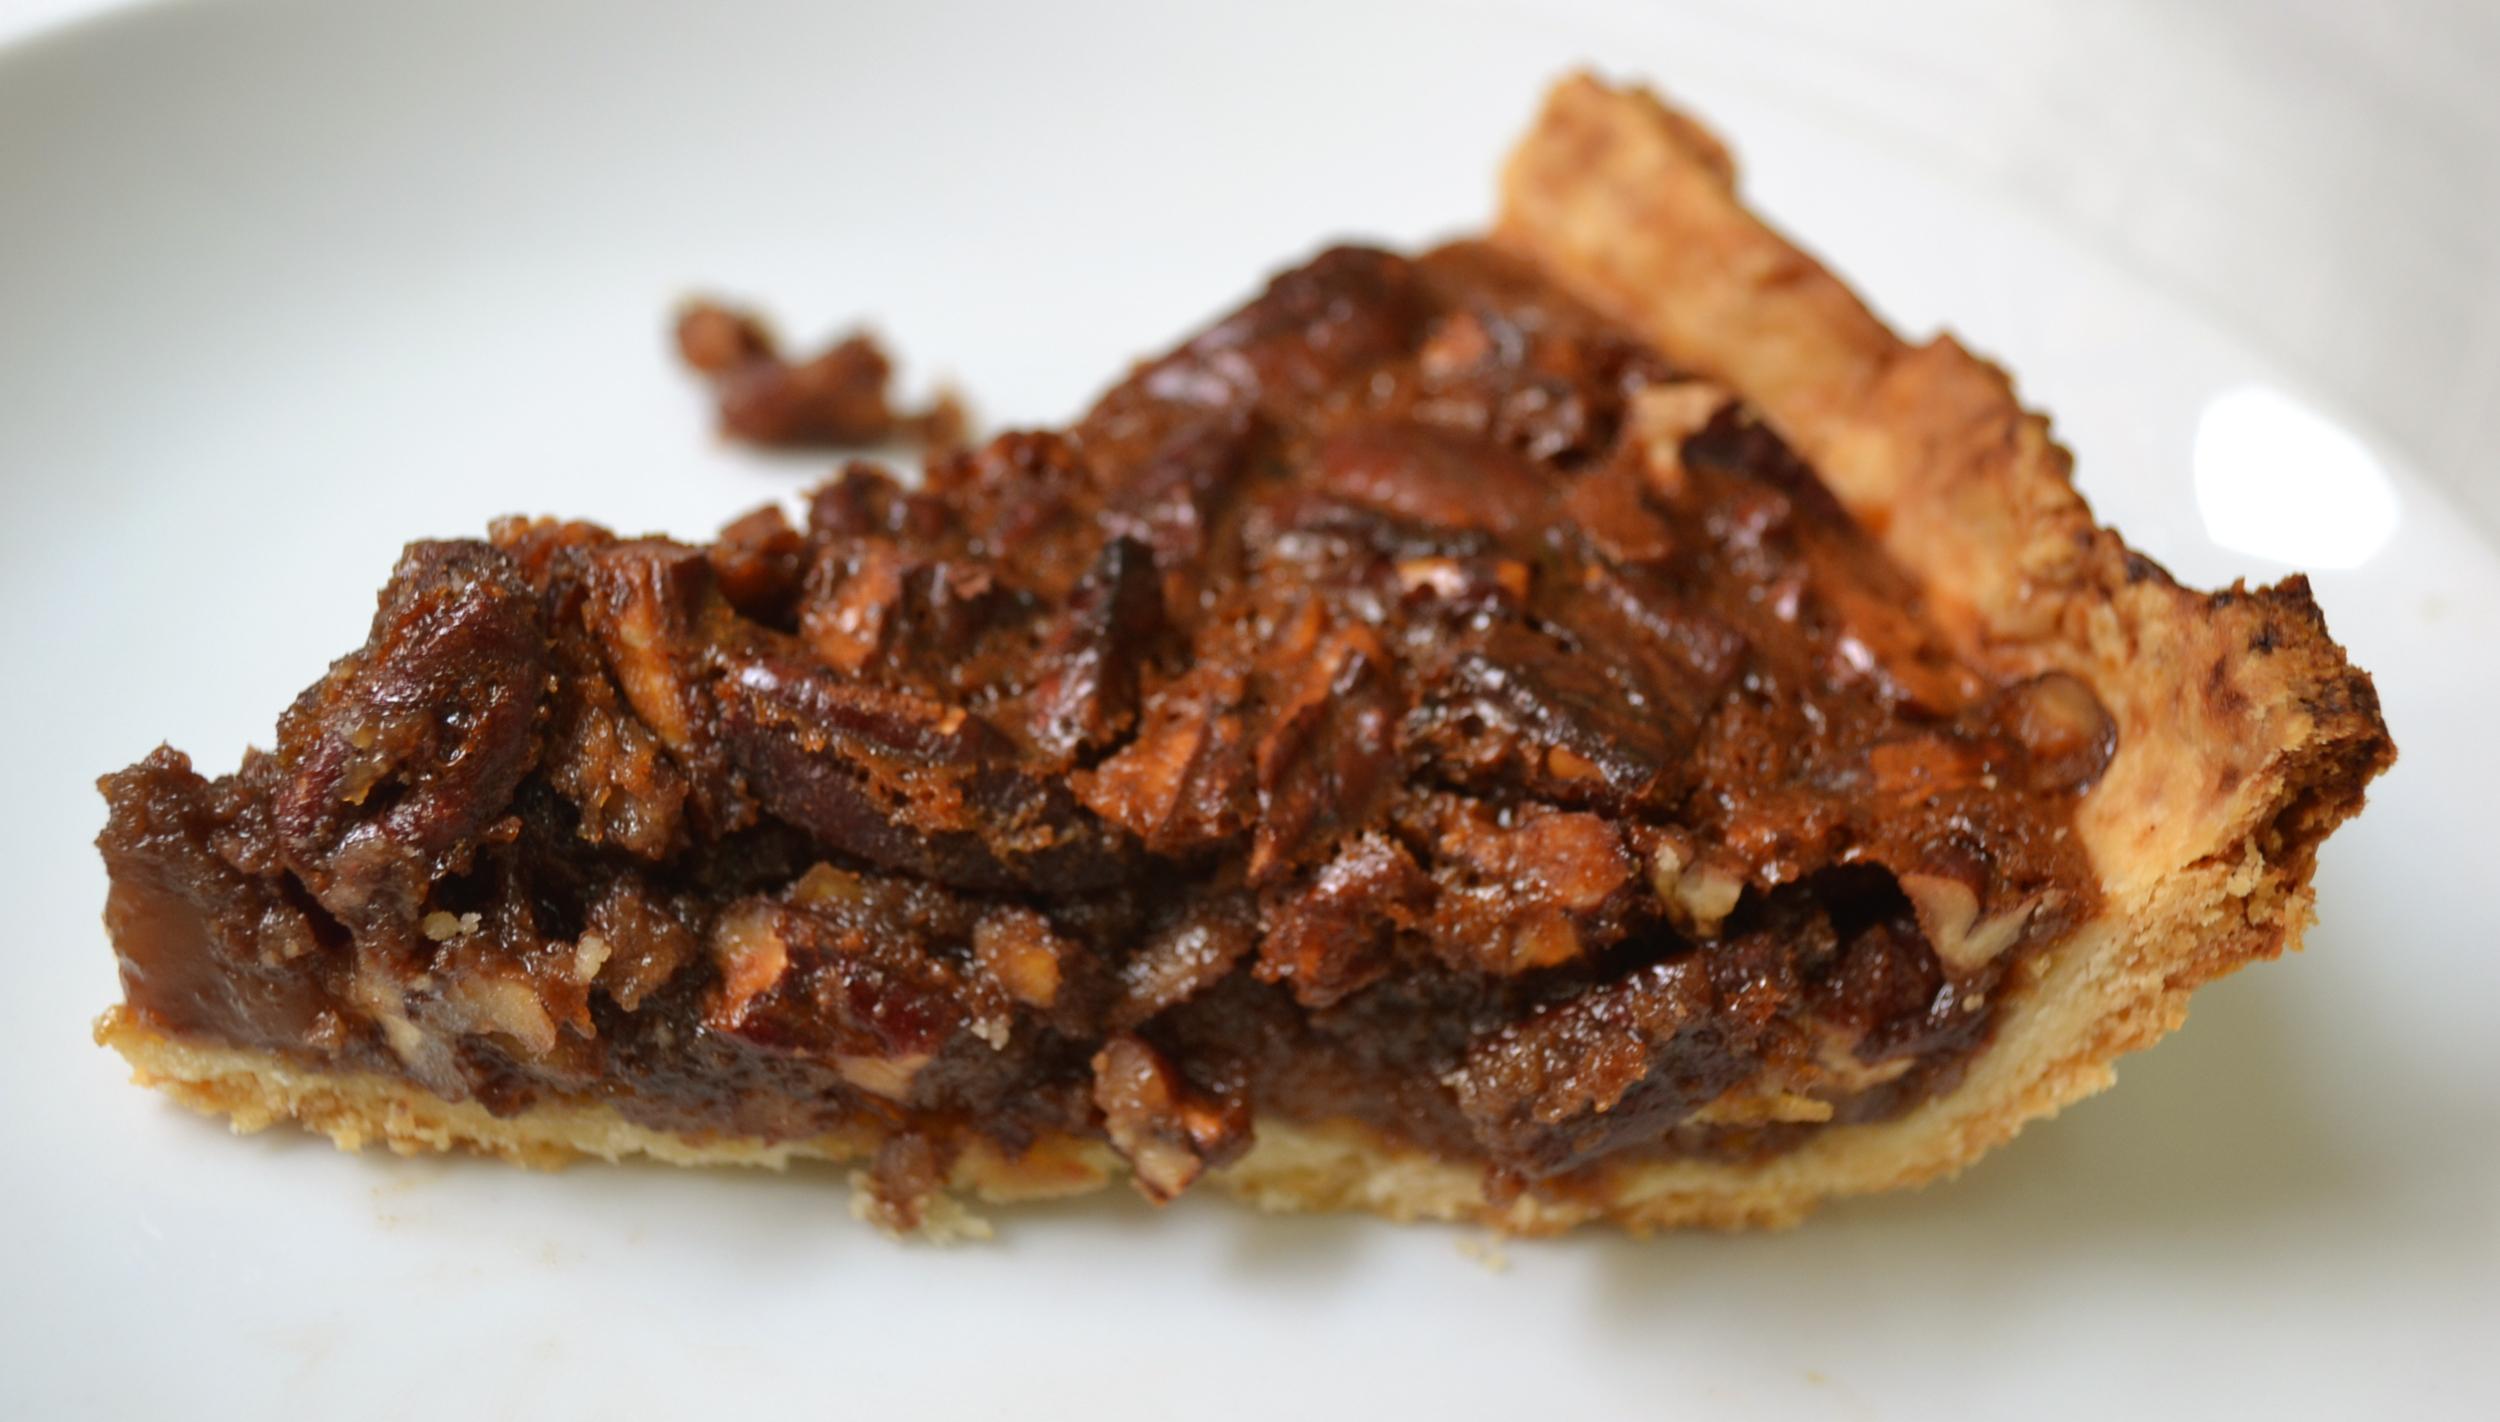 Torta de caramelo e noz pecã (Caramel Pencan Pie)